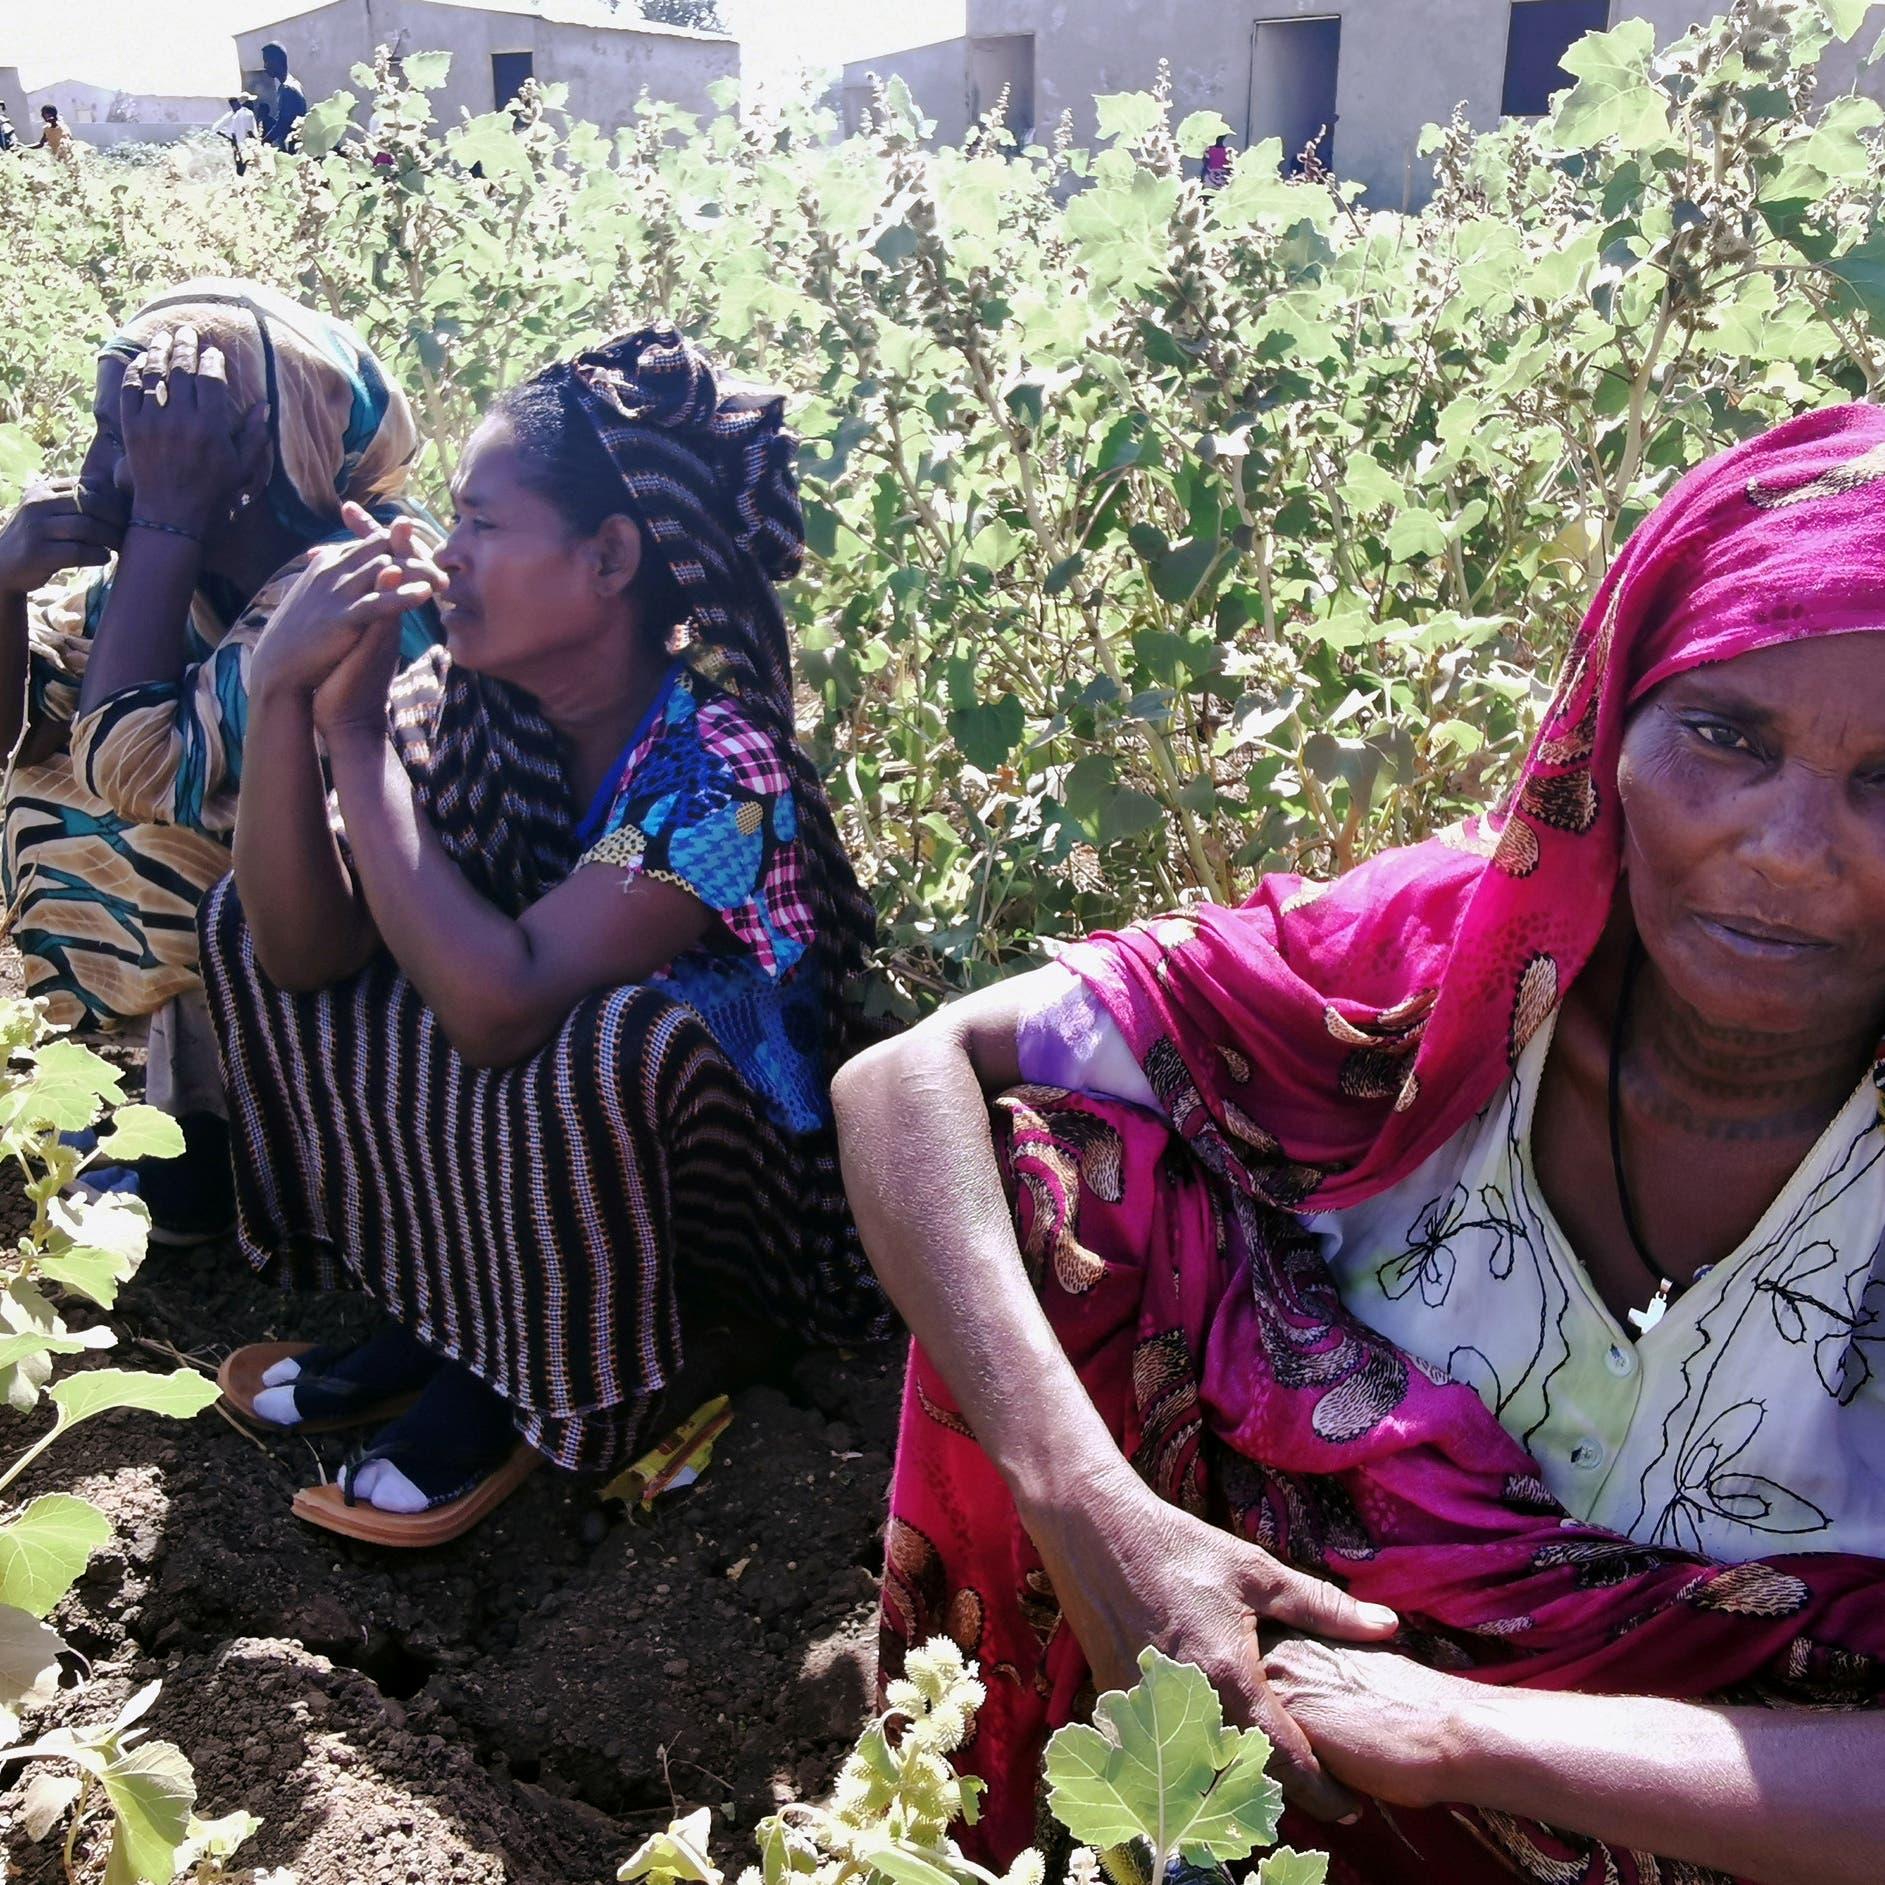 اتهامات أممية للقوات الإثيوبية بانتهاكات ضد النساء في تيغراي